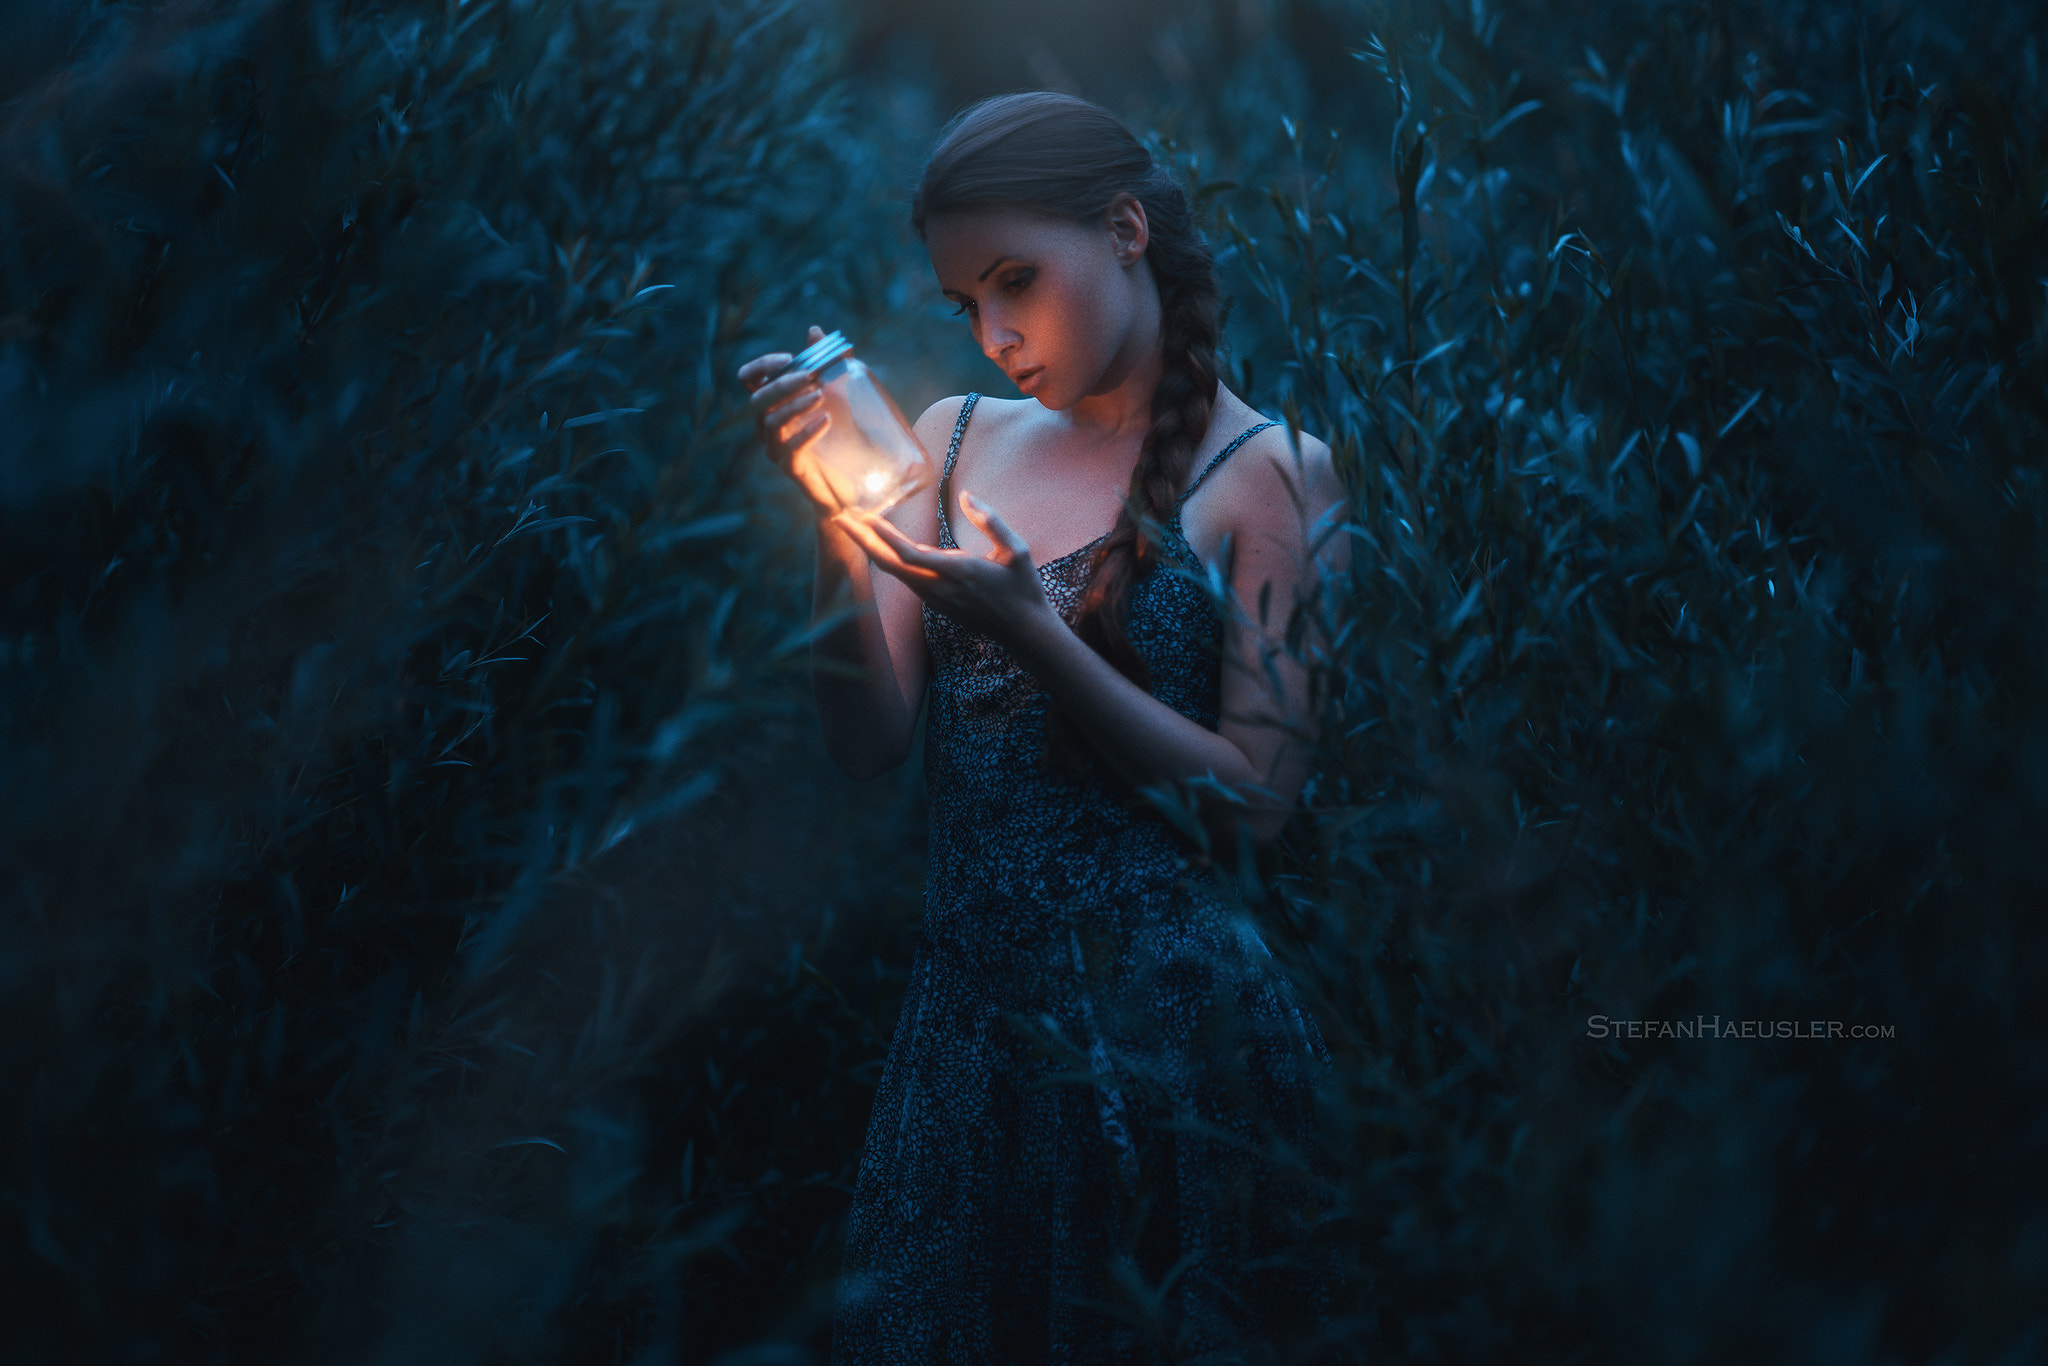 plants lantern lights dark long hair dress women viktoria stephanie model stefan häusler women outdoors glass